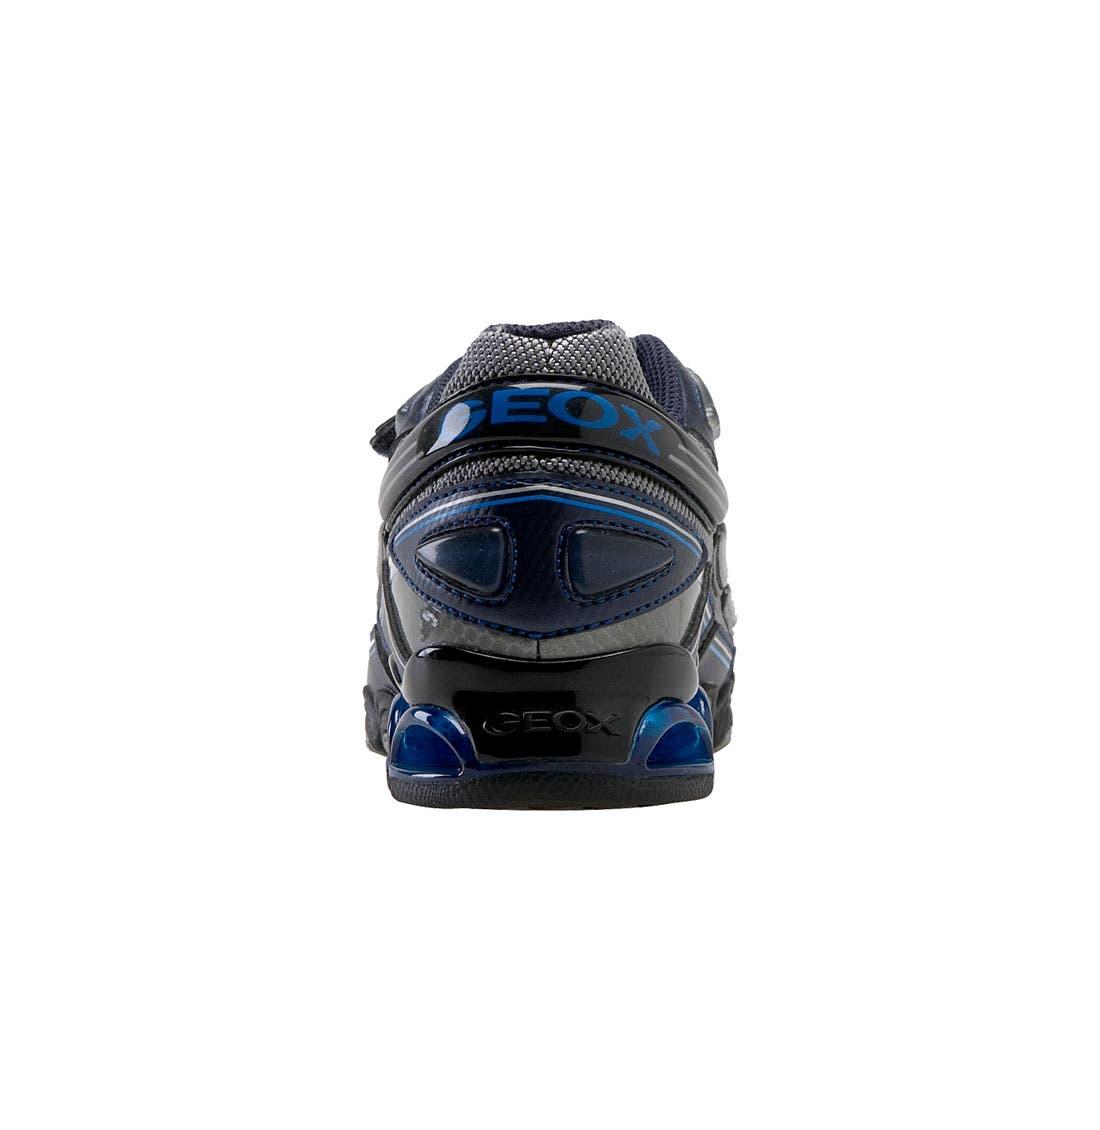 Alternate Image 4  - Geox 'Tornado' Sneaker (Toddler, Little Kid & Big Kid)